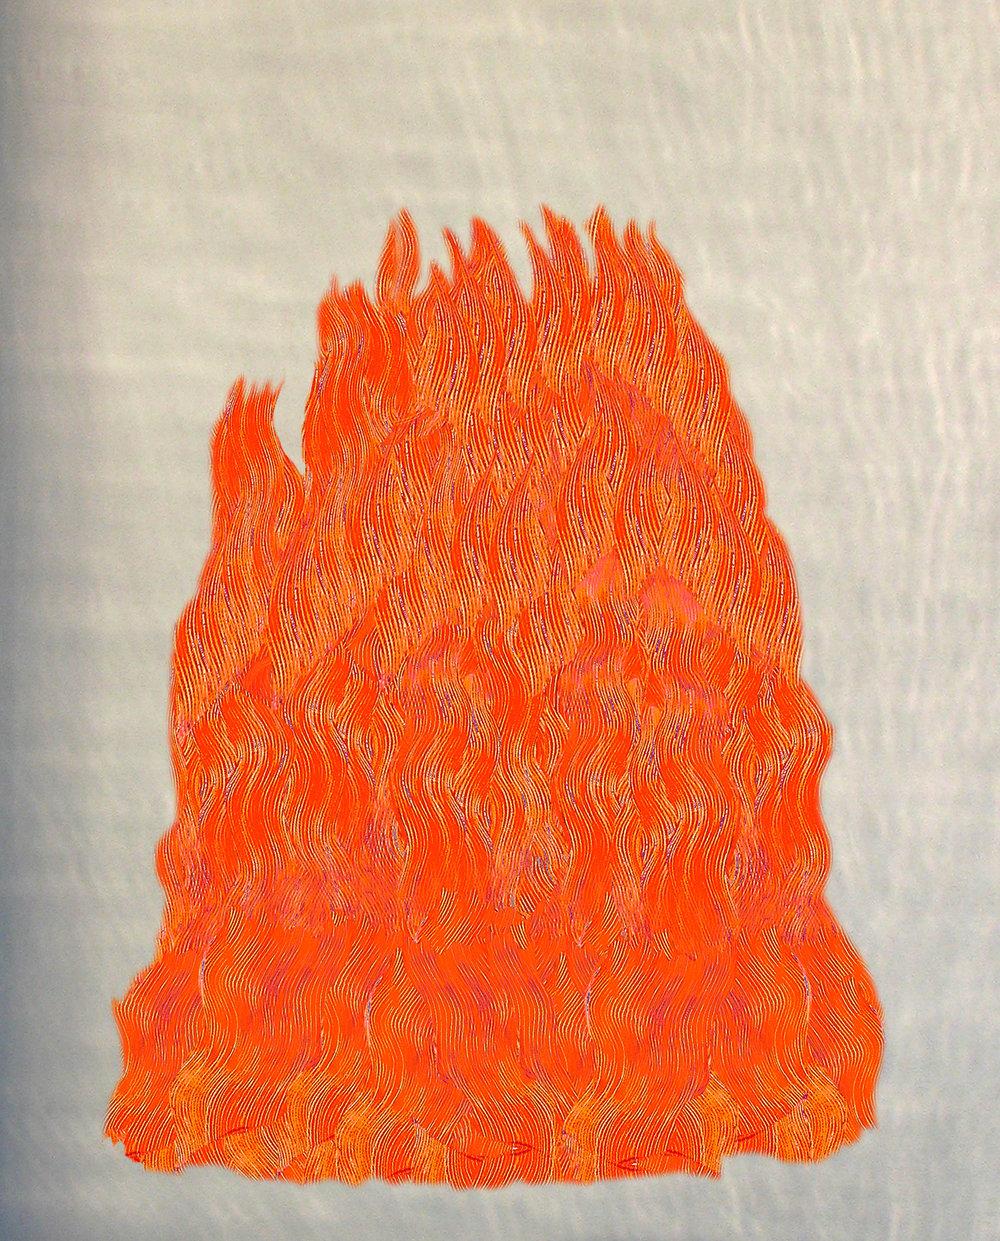 Ann Pachner,  Heart Fire,  2014, Pigment print, 22 x 17 inches